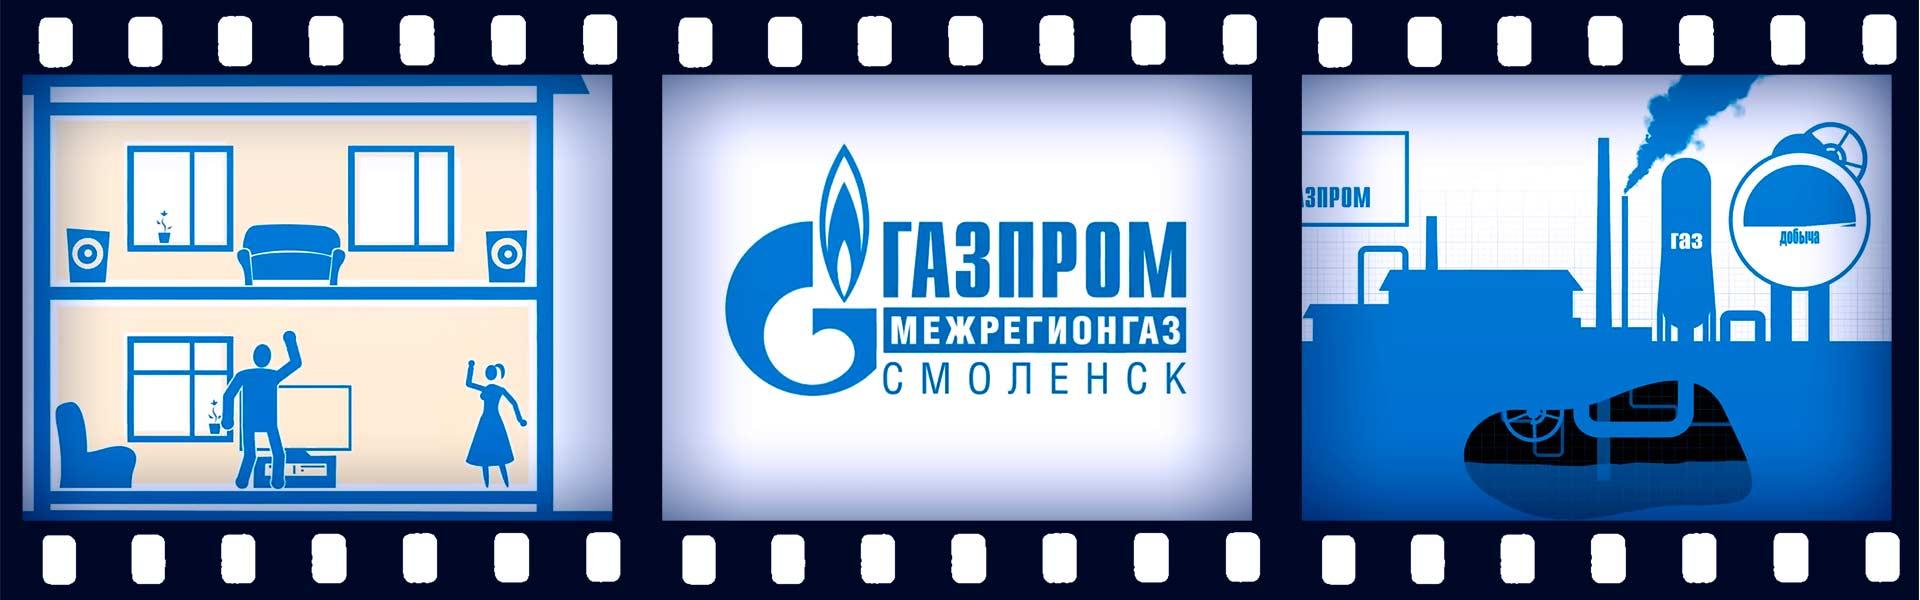 Стильная инфографика для «ГАЗПРОМ МЕЖРЕГИОНГАЗ СМОЛЕНСК»